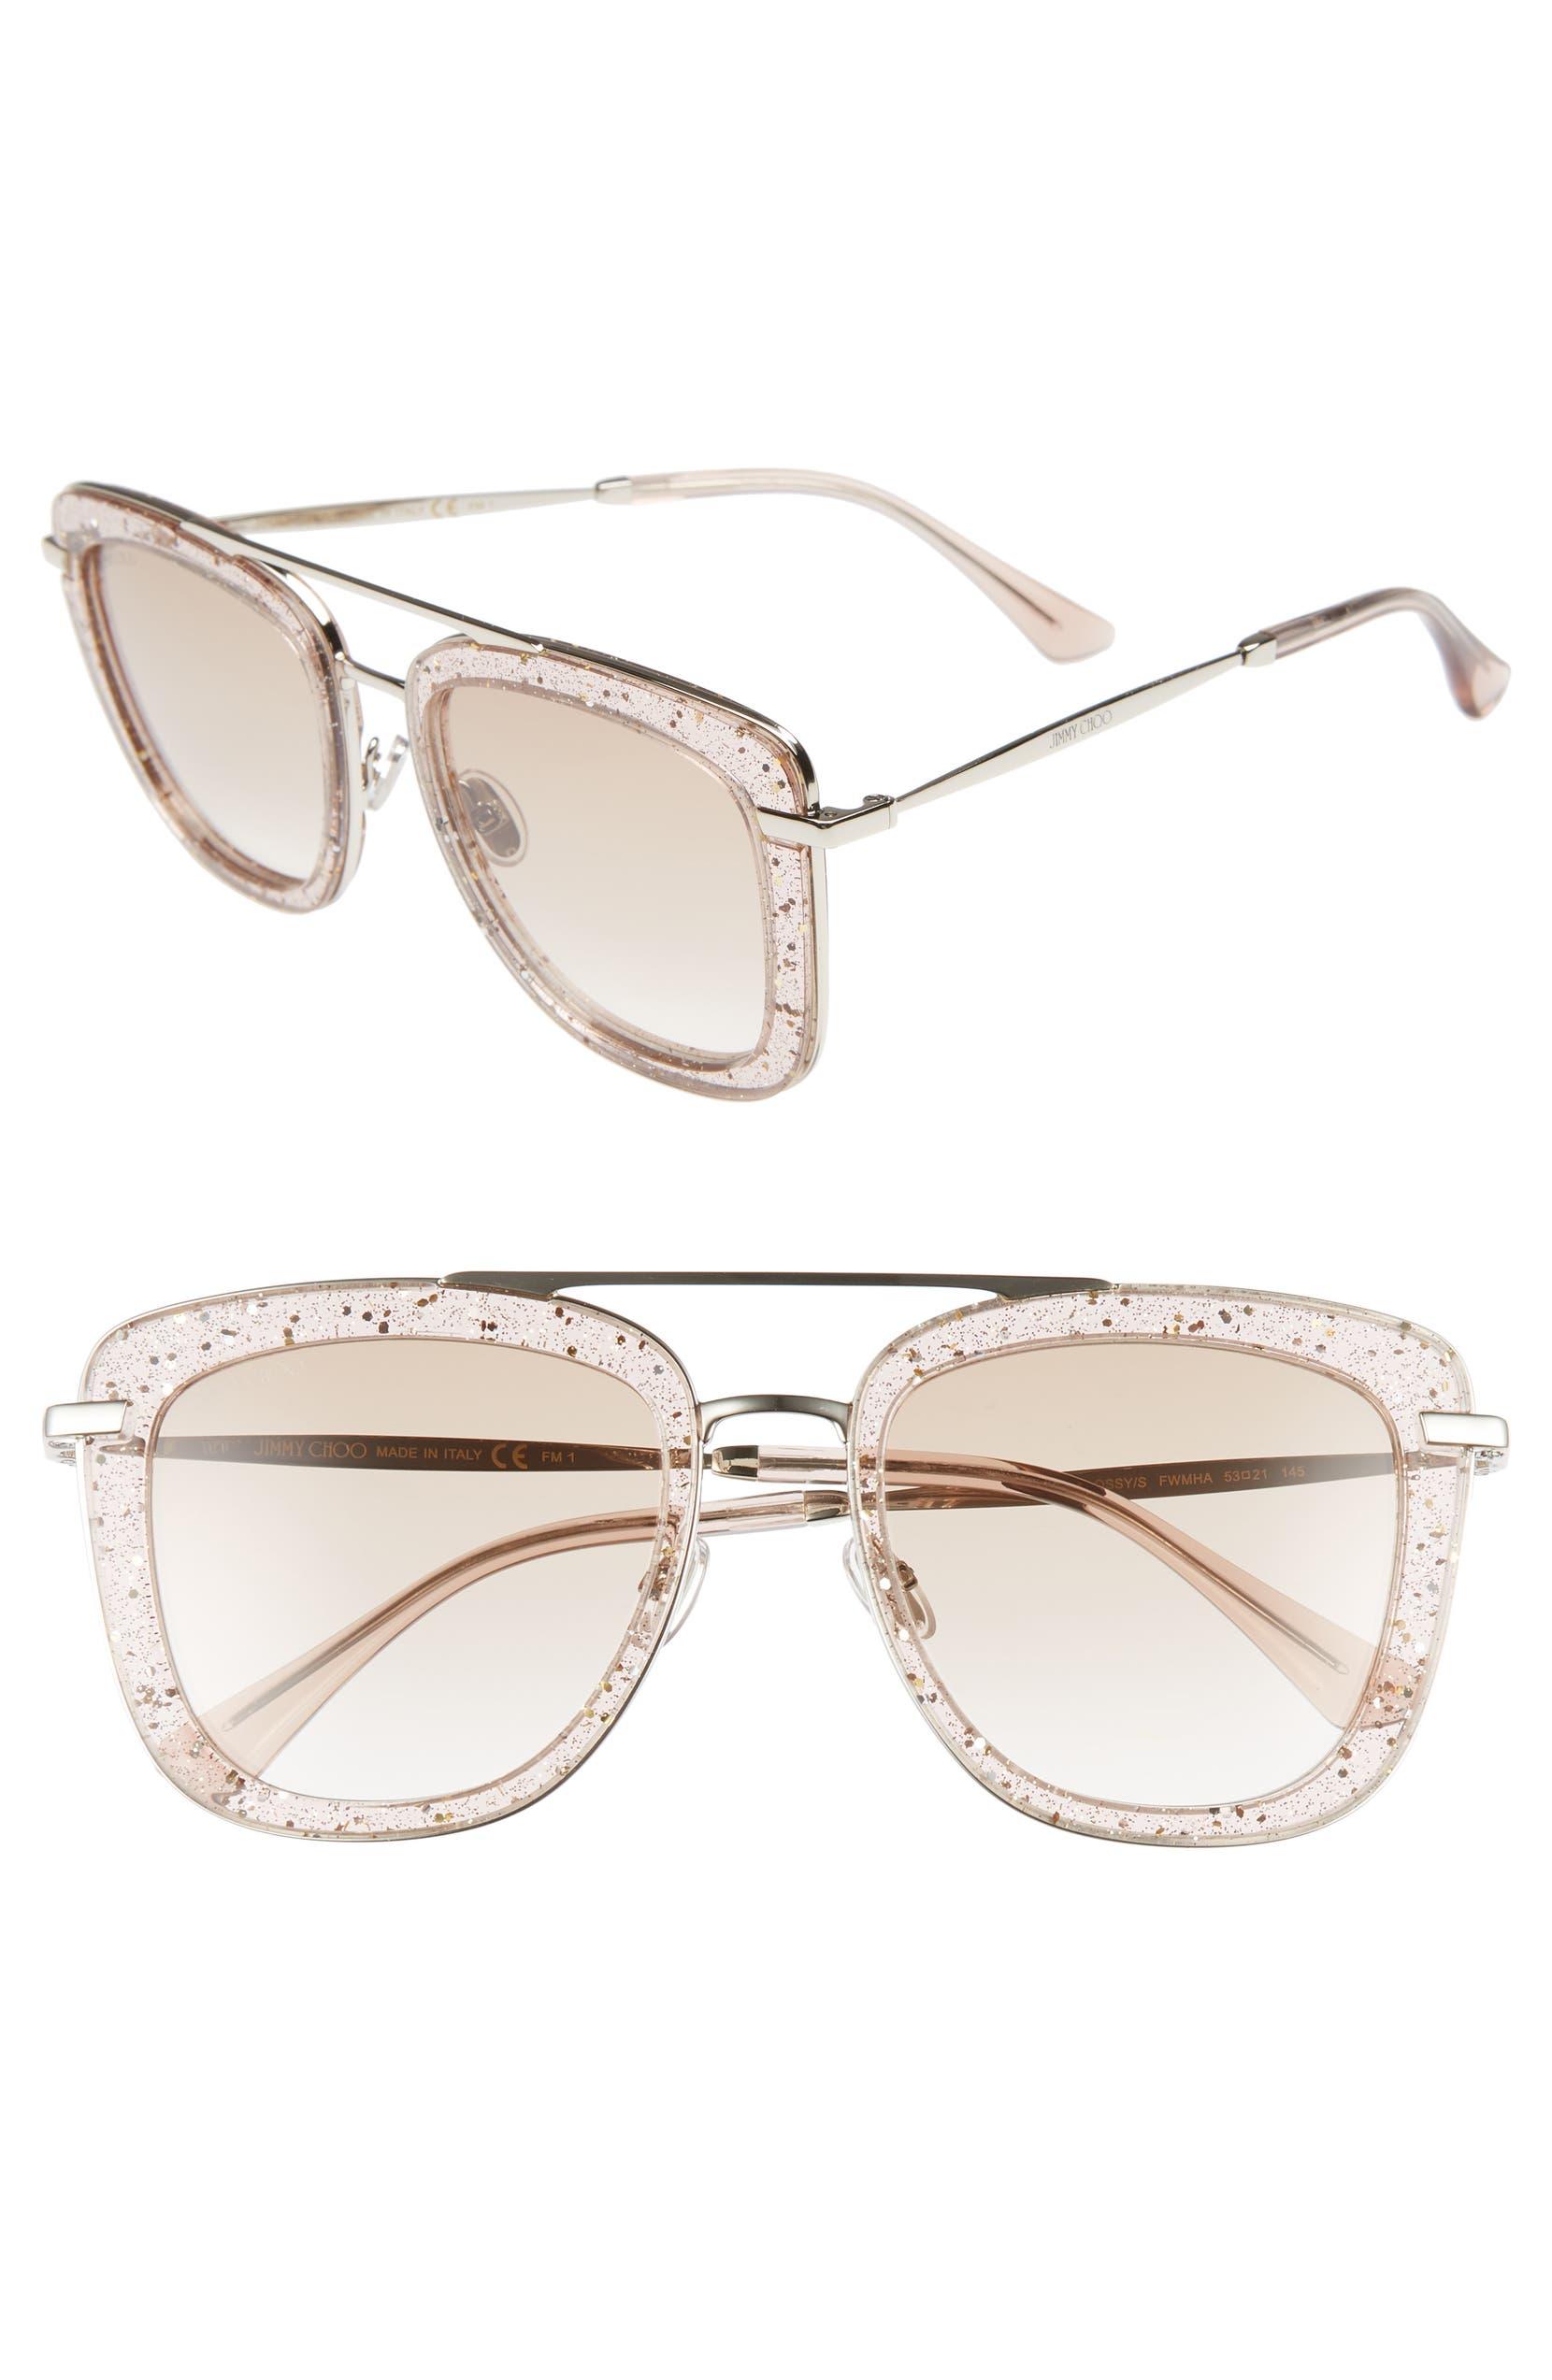 022f9f1c50d Jimmy Choo Glossy 53mm Square Sunglasses